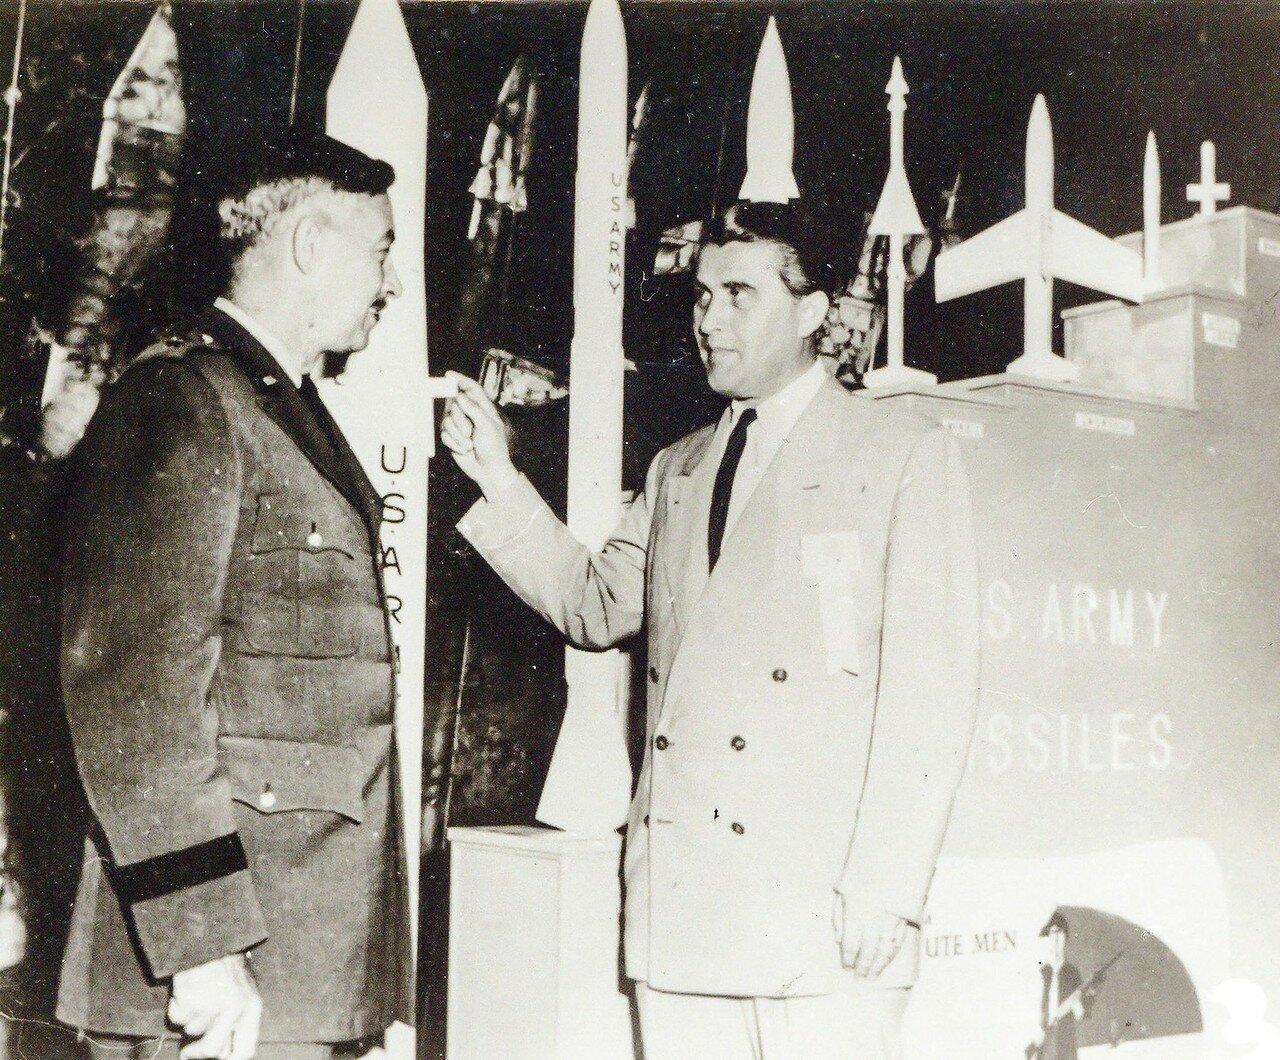 10. 1958, февраль. Научная группа Вернер фон Браун празднует успех «Эксплорер-1» и открытие радиационных поясов вокруг Земли названных поясами ван Аллена.